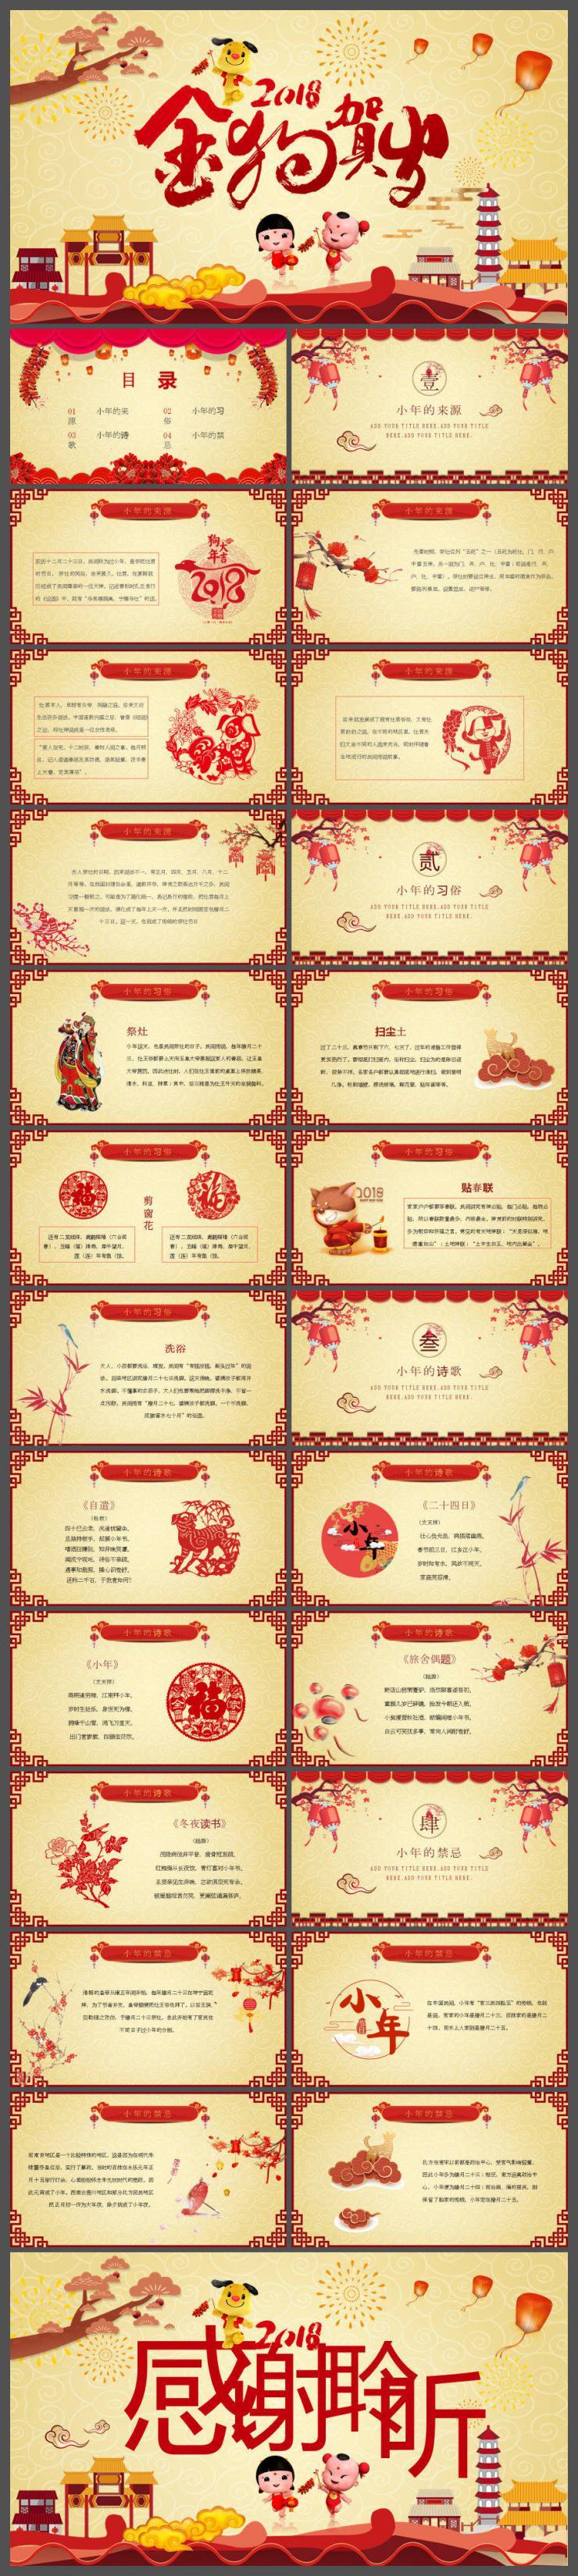 中国风传统民俗节日小年来源介绍PPT模板